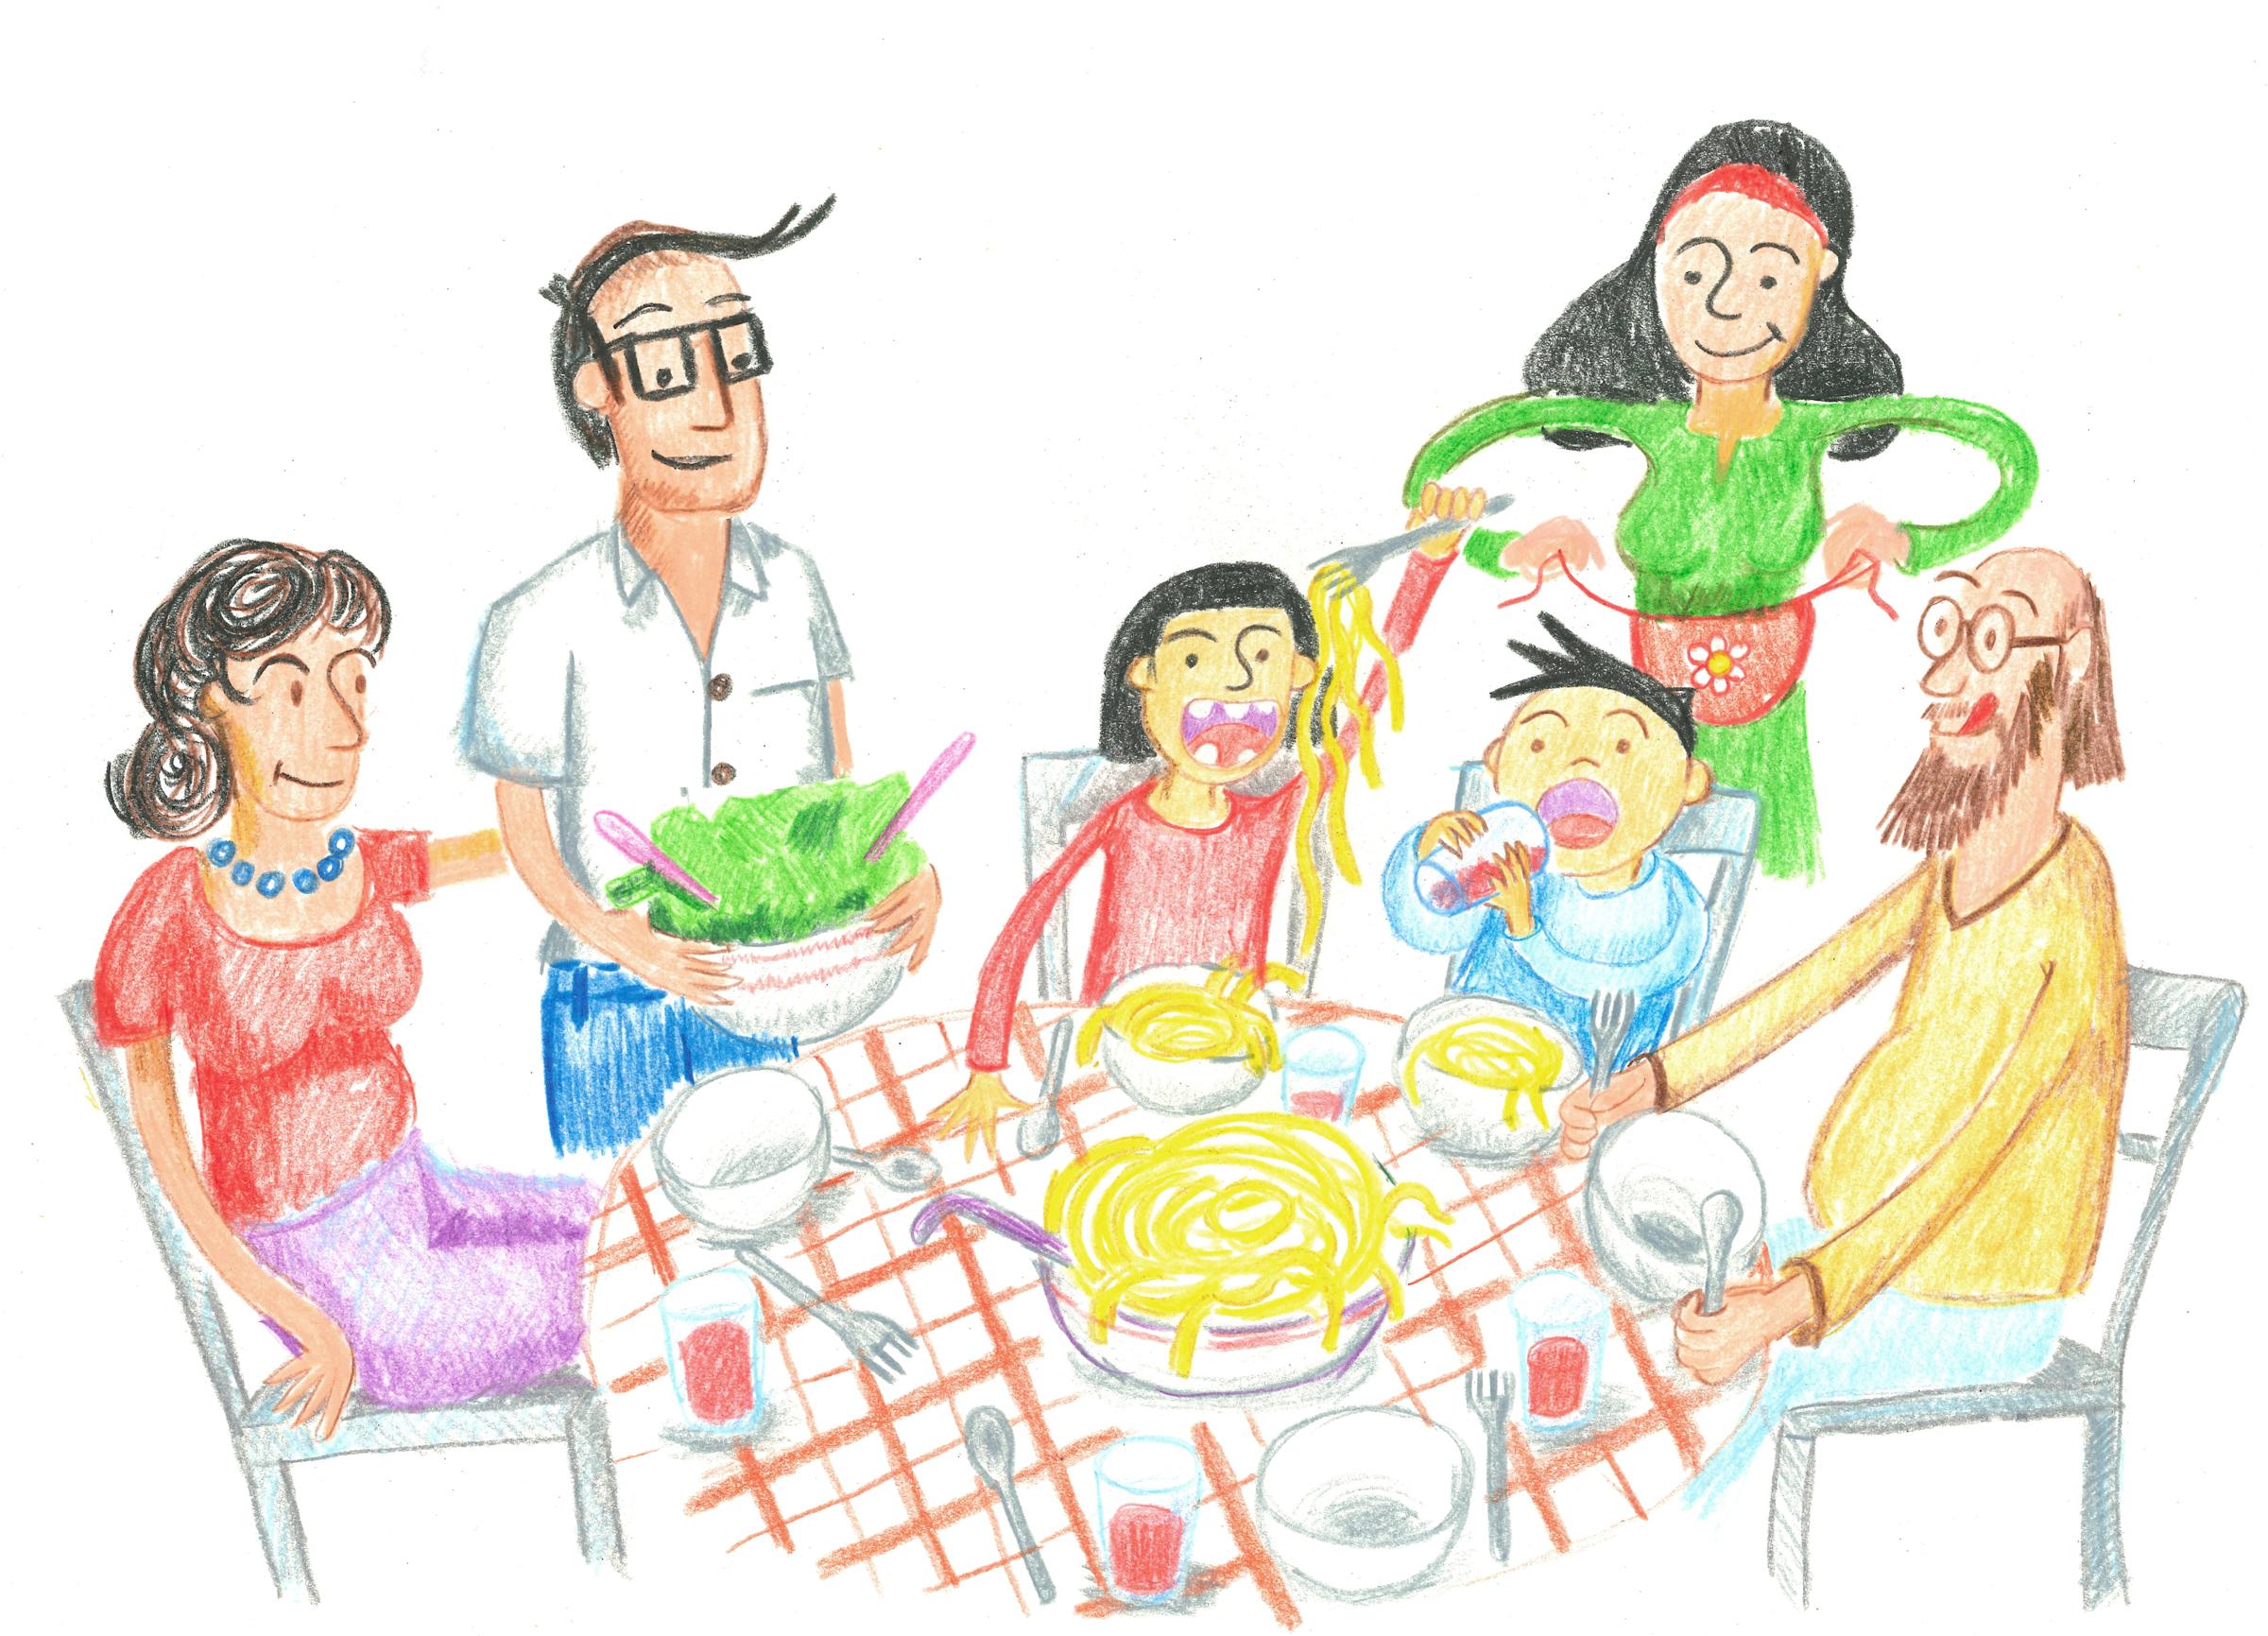 Familie isst gemeinsam – Illustration Wir Lesen Familie Kinderfreunde Oberösterreich © Martin Bruner Sombrero Design